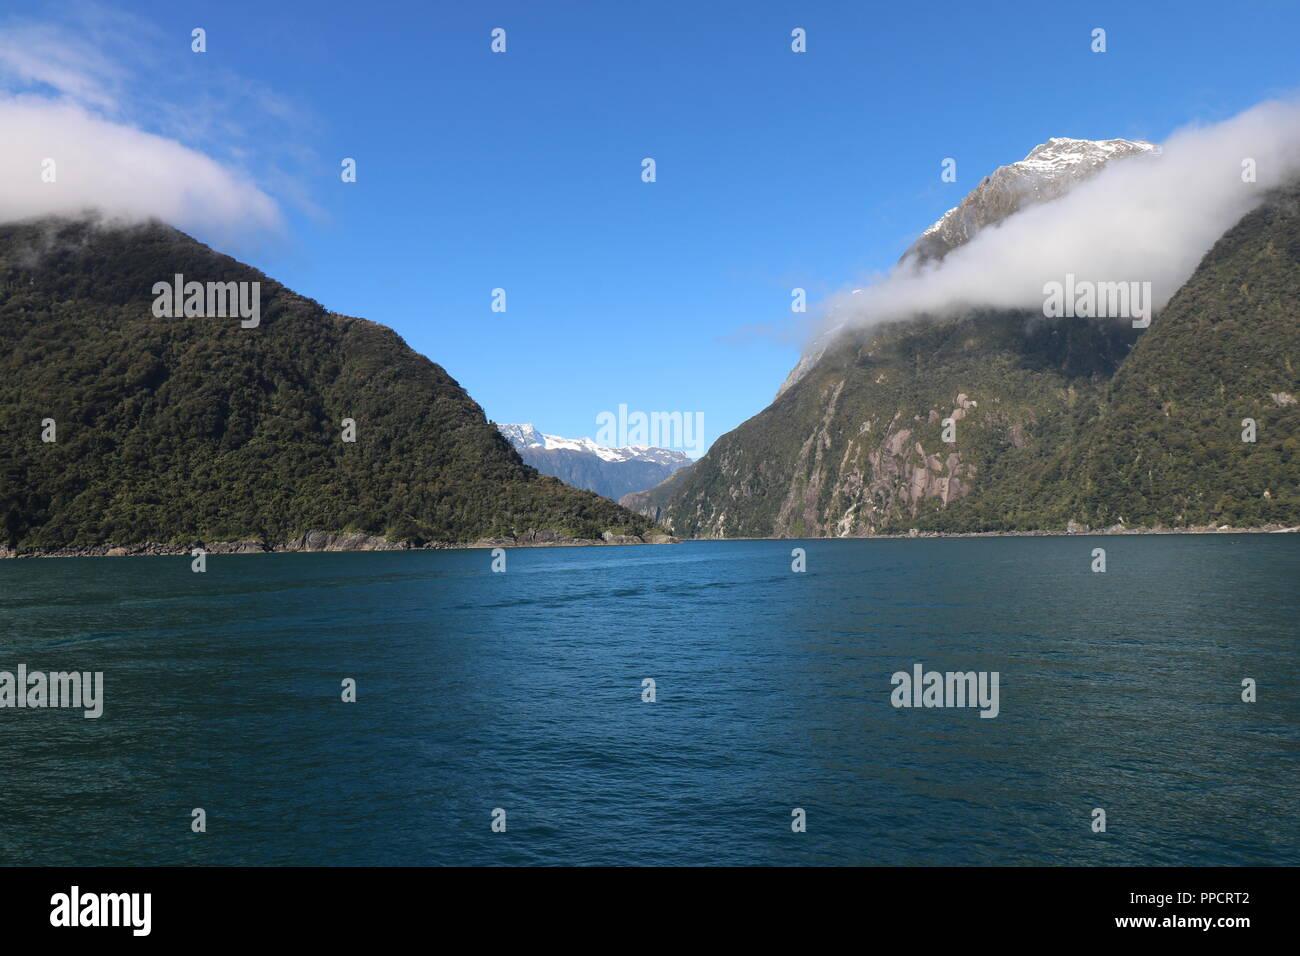 Fjordland New Zealand , Milford Sound - Stock Image